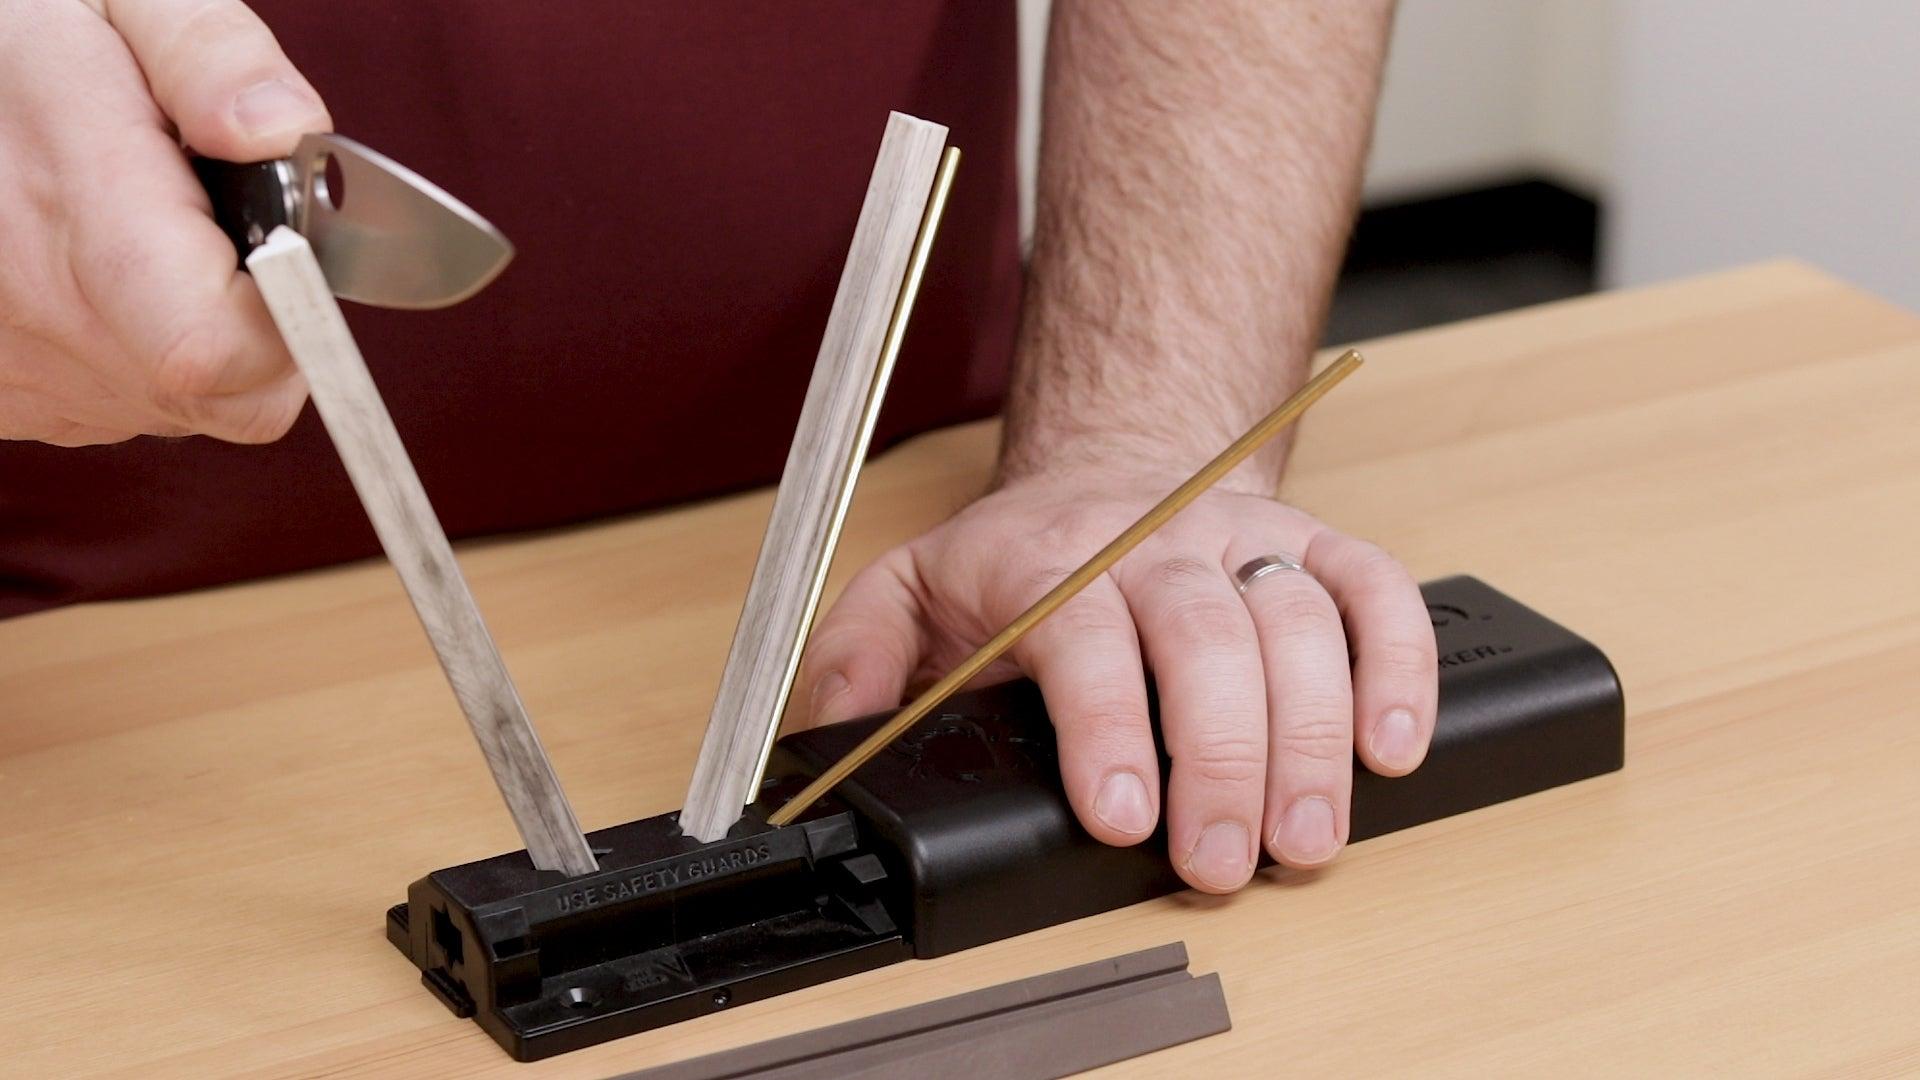 Spyderco Sharp Maker is the best knife sharpener for kitchen knives.